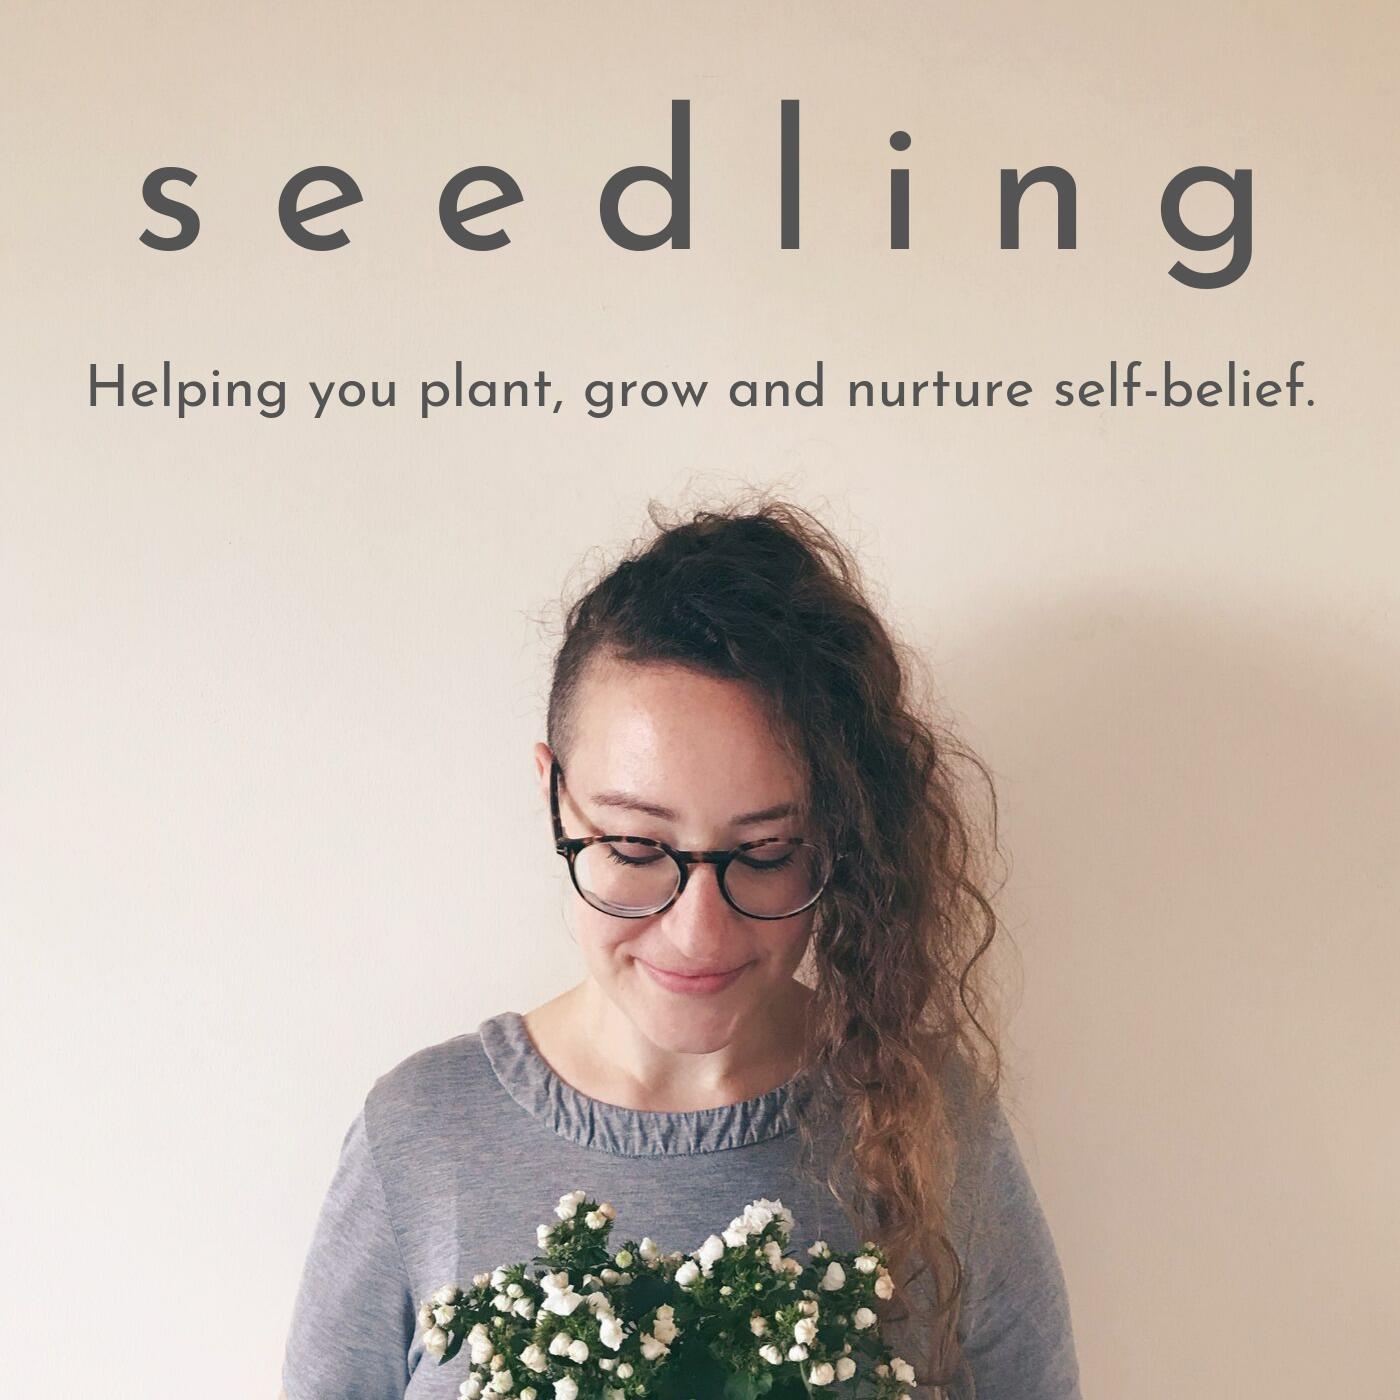 Seedling art